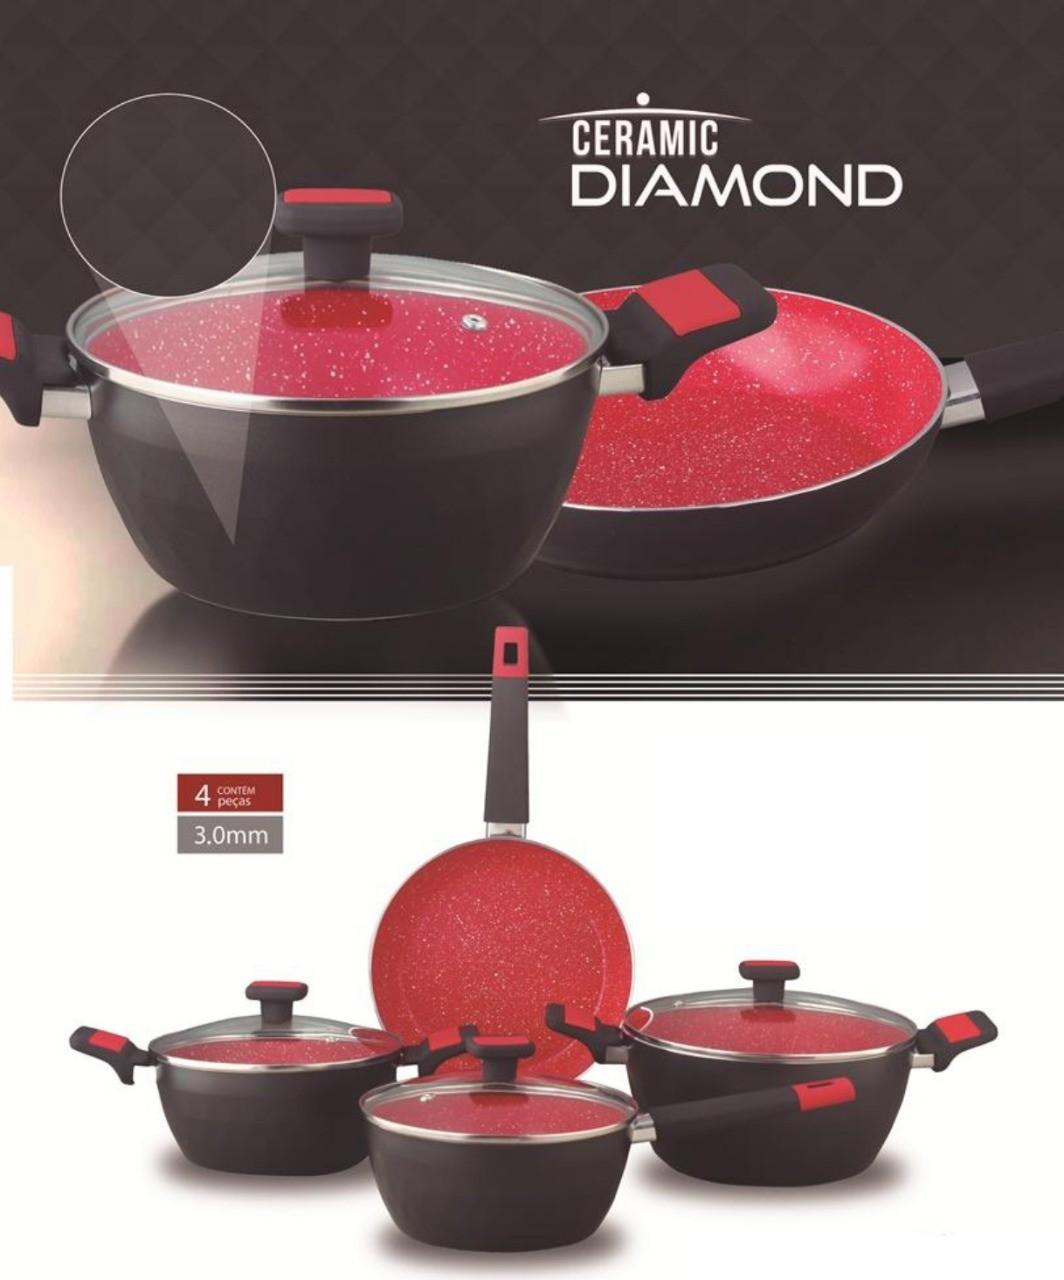 Jogo de Panelas de Cerâmica Diamond 4 Peças